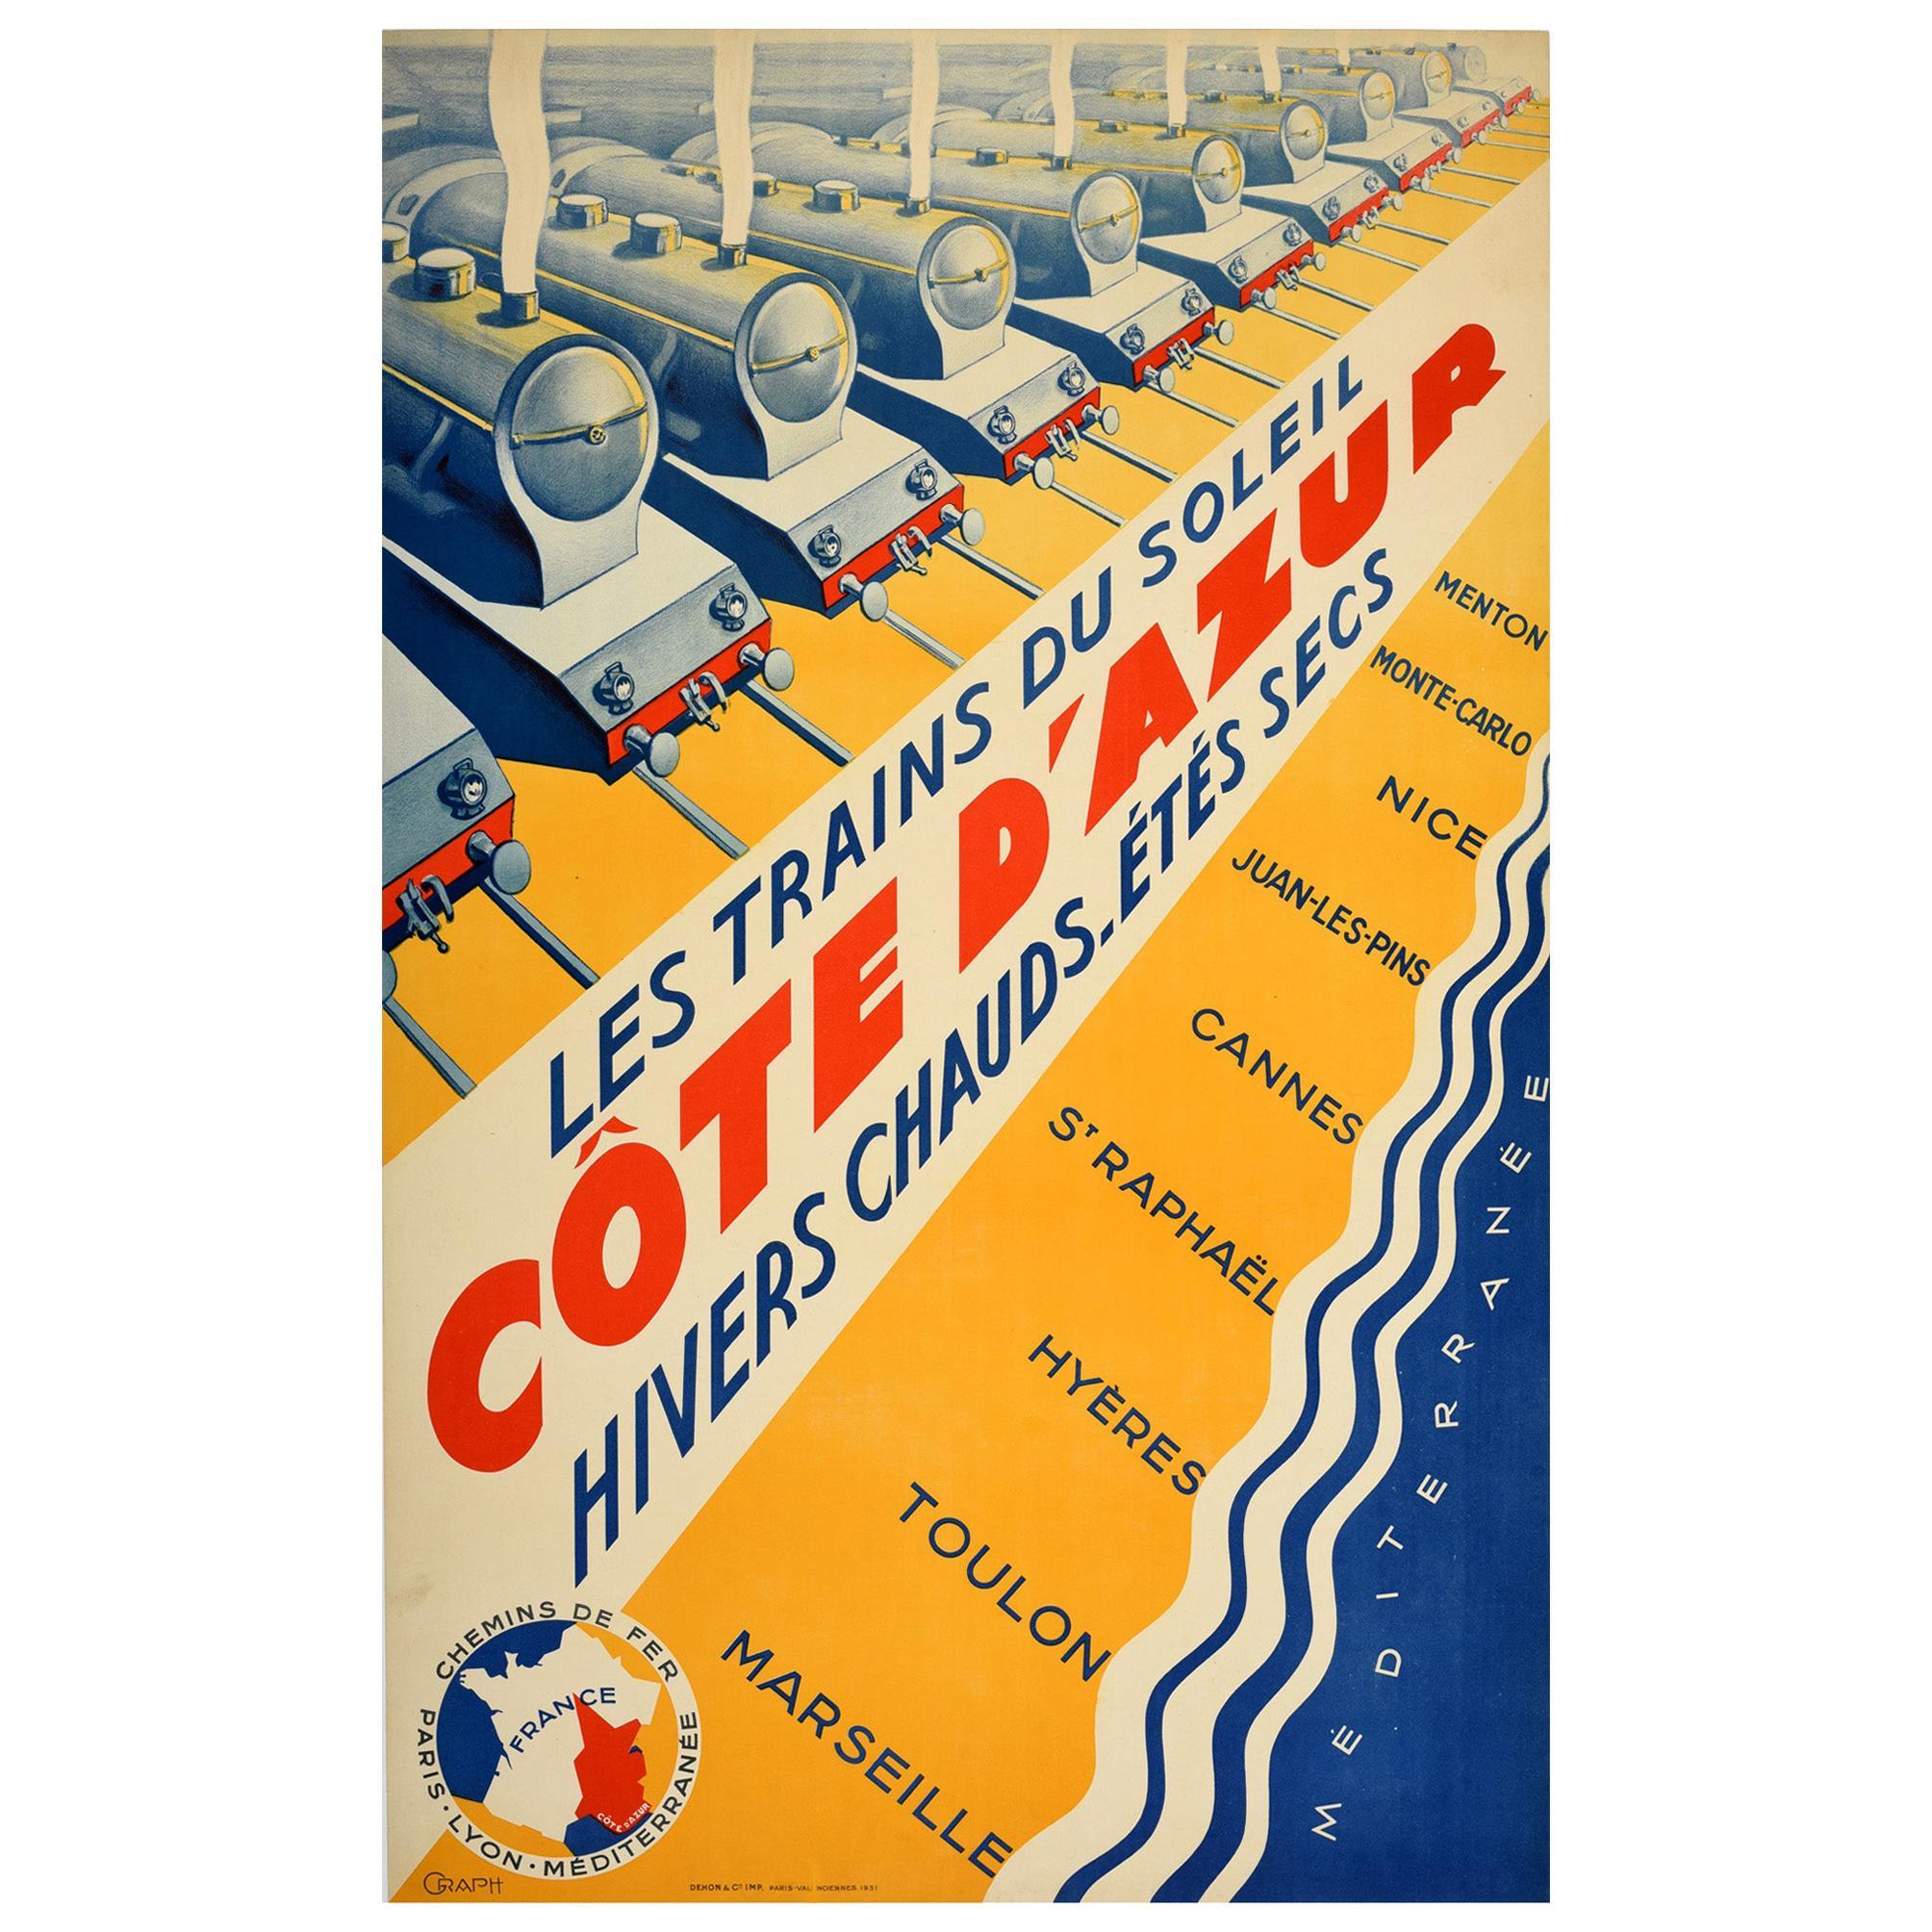 Original Vintage Poster PLM Railway Cote d'Azur French Riviera Art Deco Trains